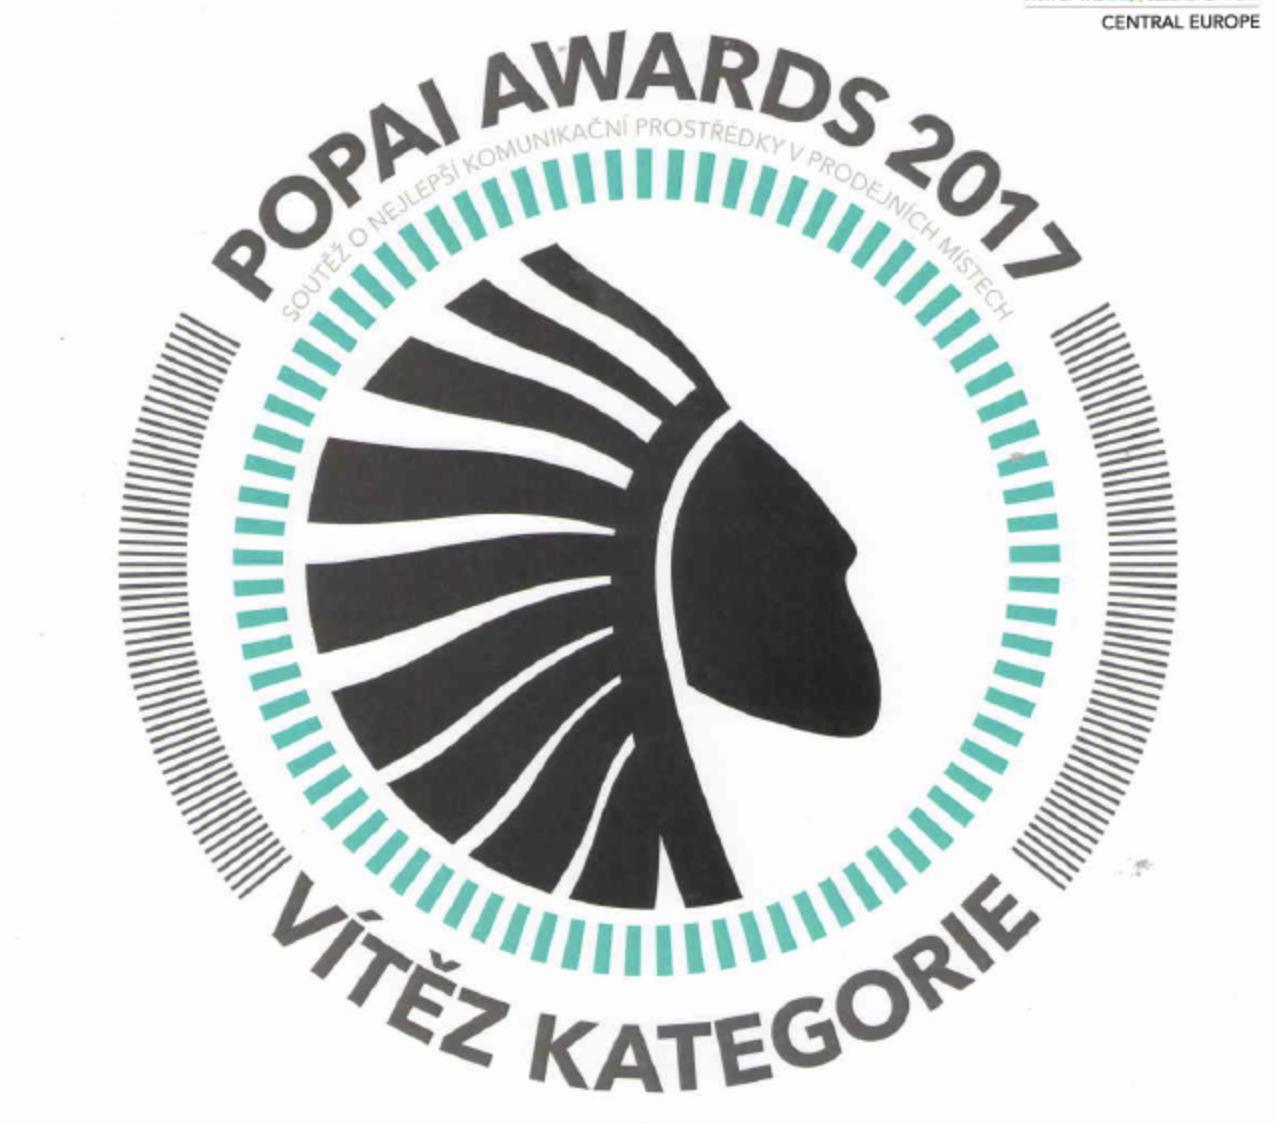 European Popai Award, POS category